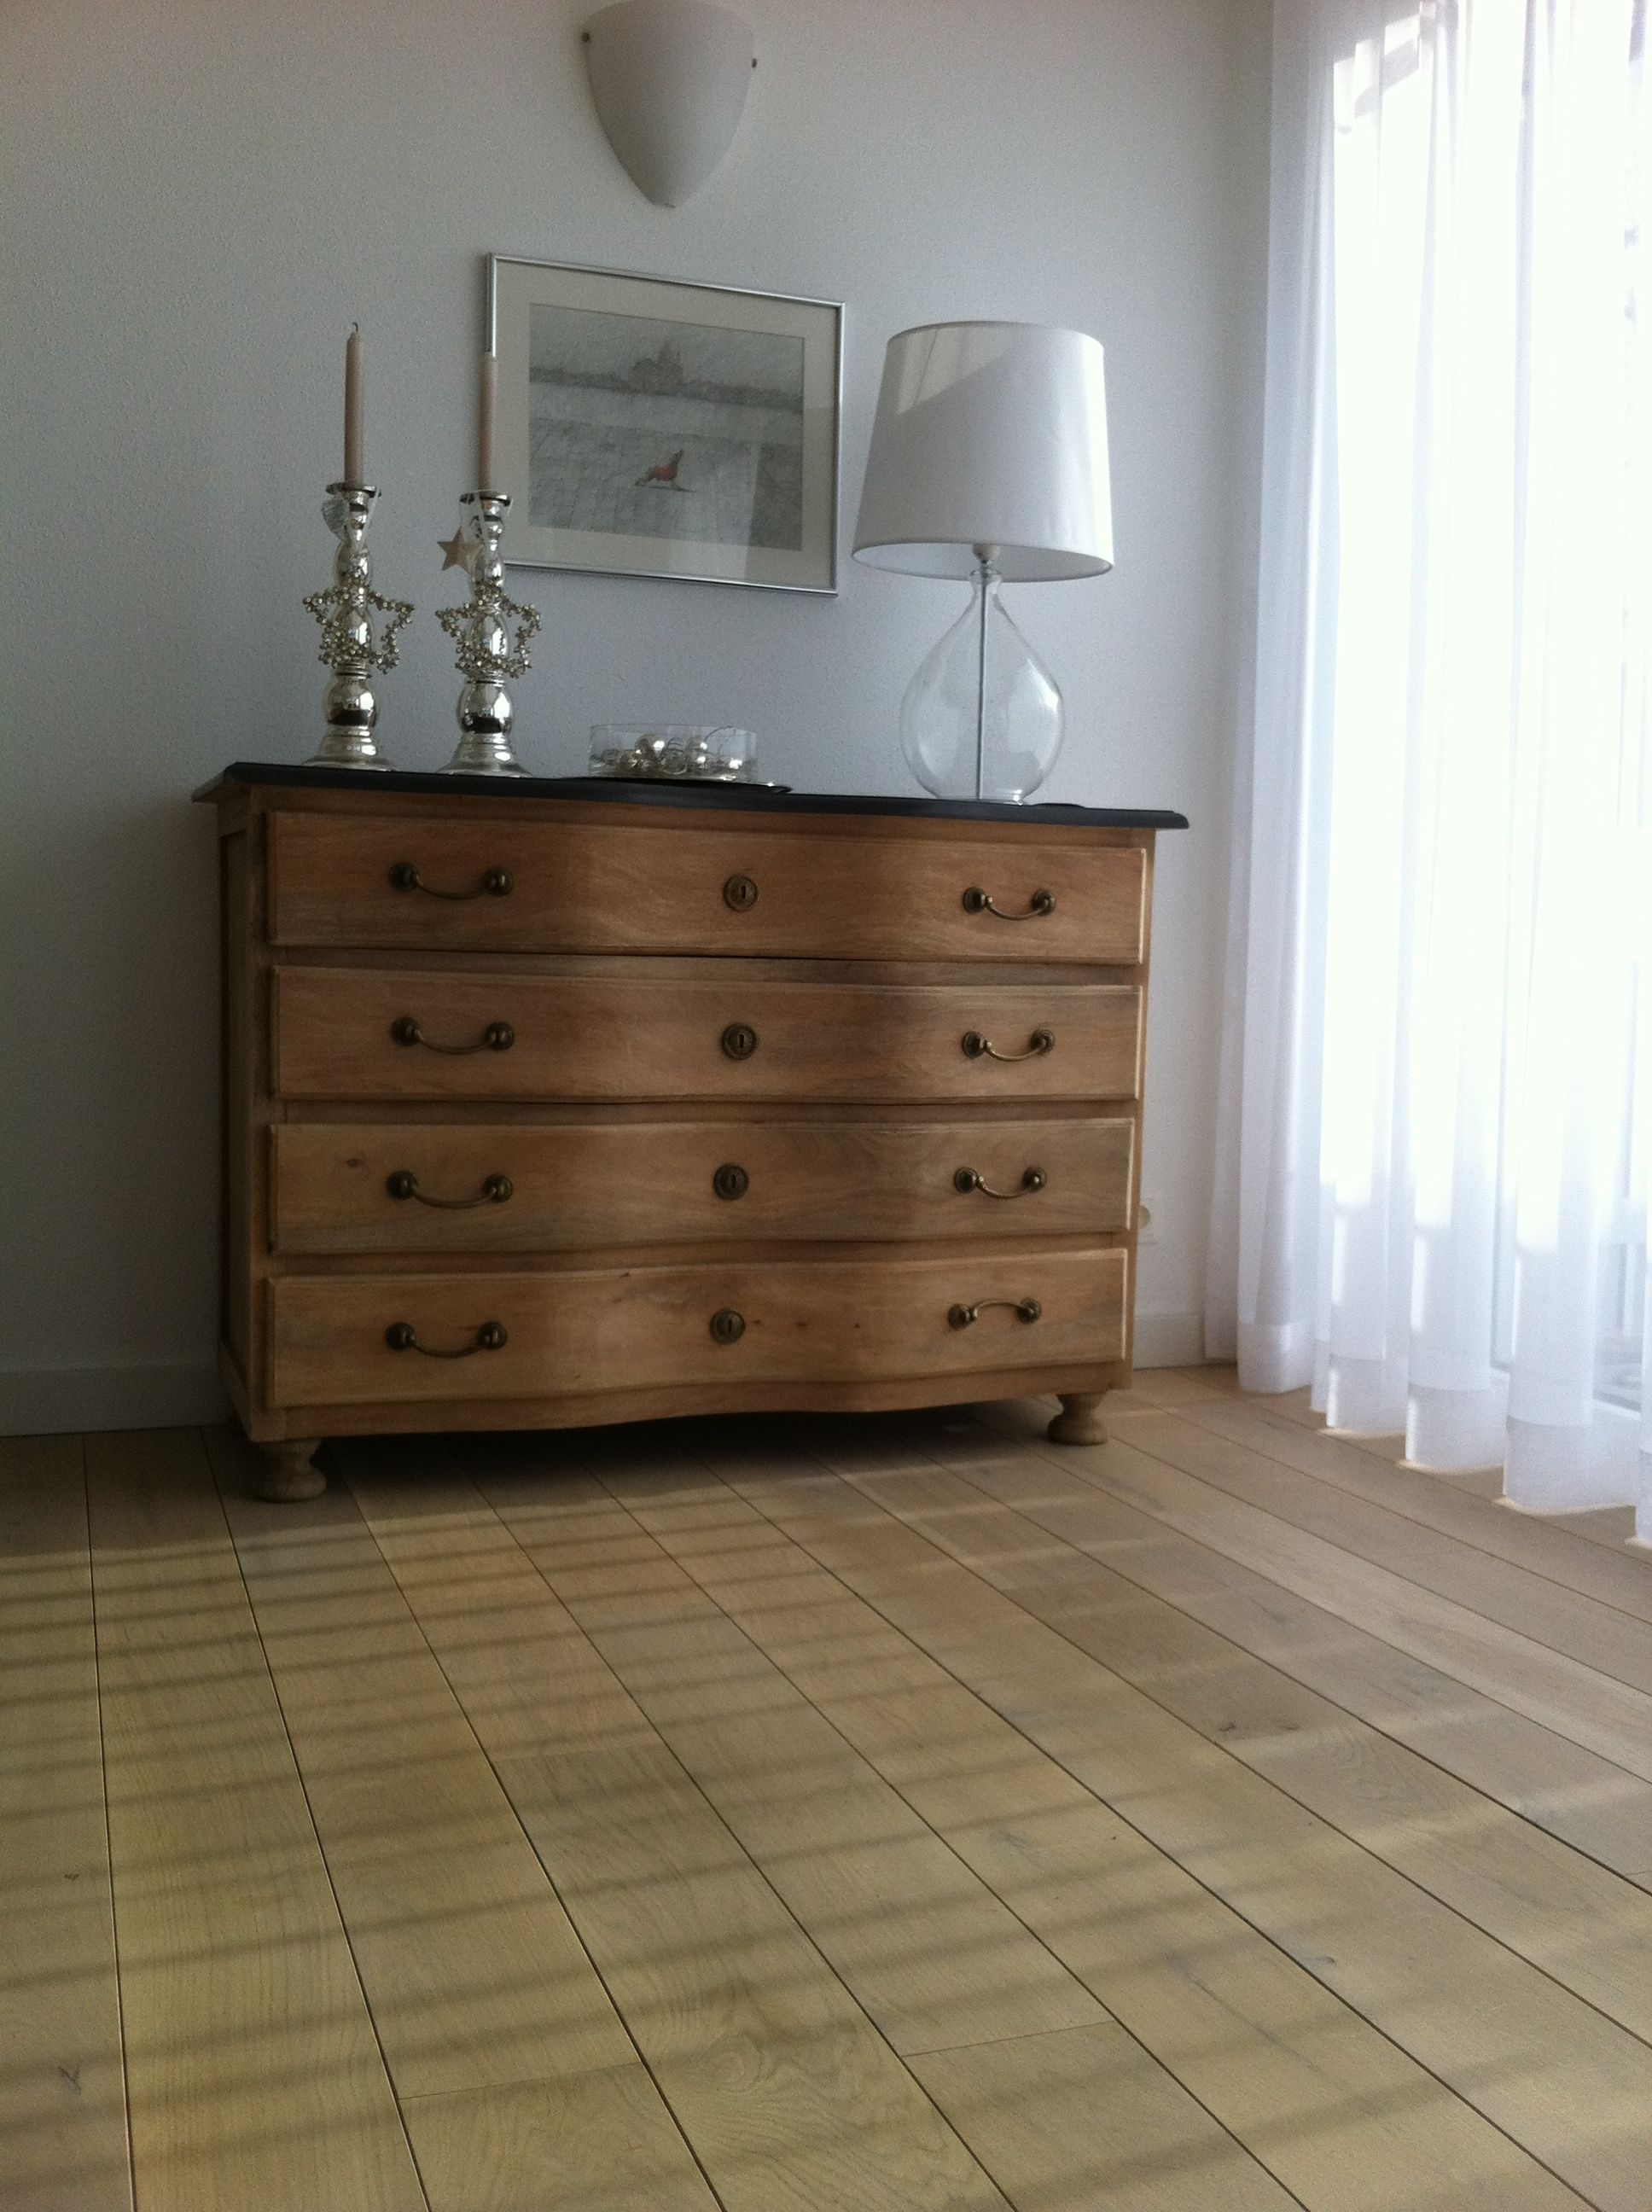 49 eichenparkett wei ge lt wohnen leben pinterest eichenparkett 49er und leben. Black Bedroom Furniture Sets. Home Design Ideas